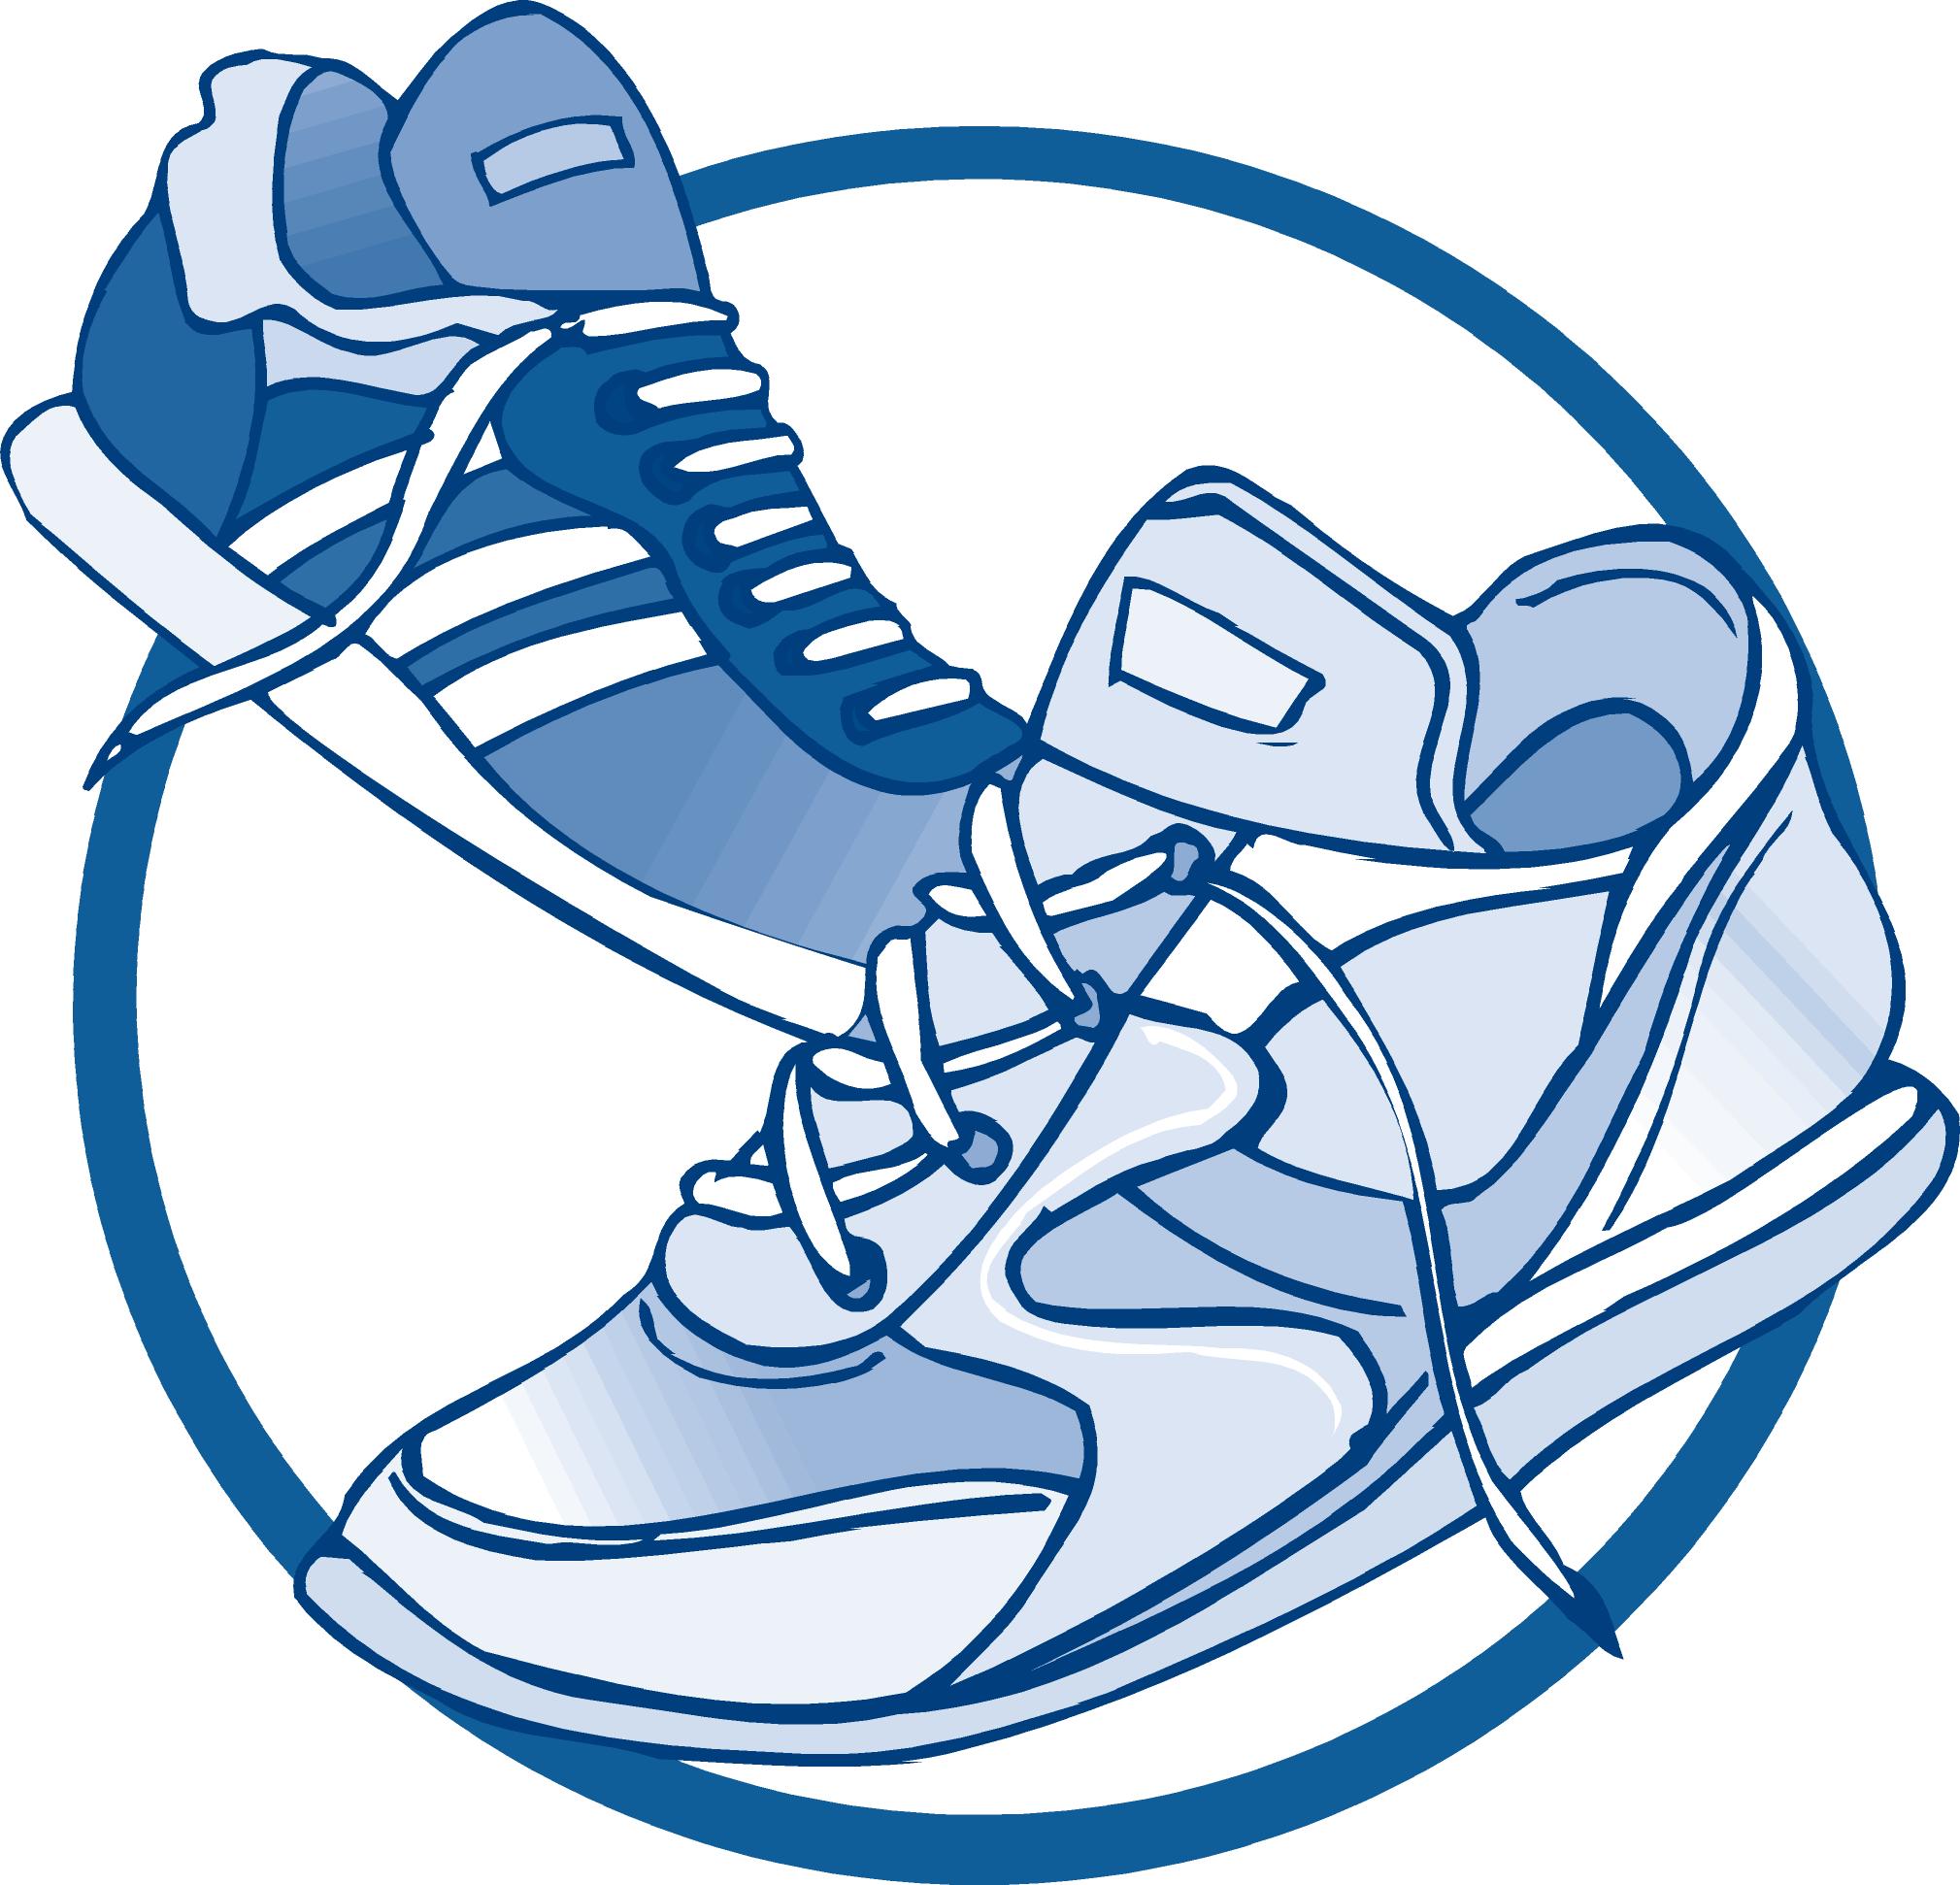 2019x1942 Top 73 Shoes Clip Art